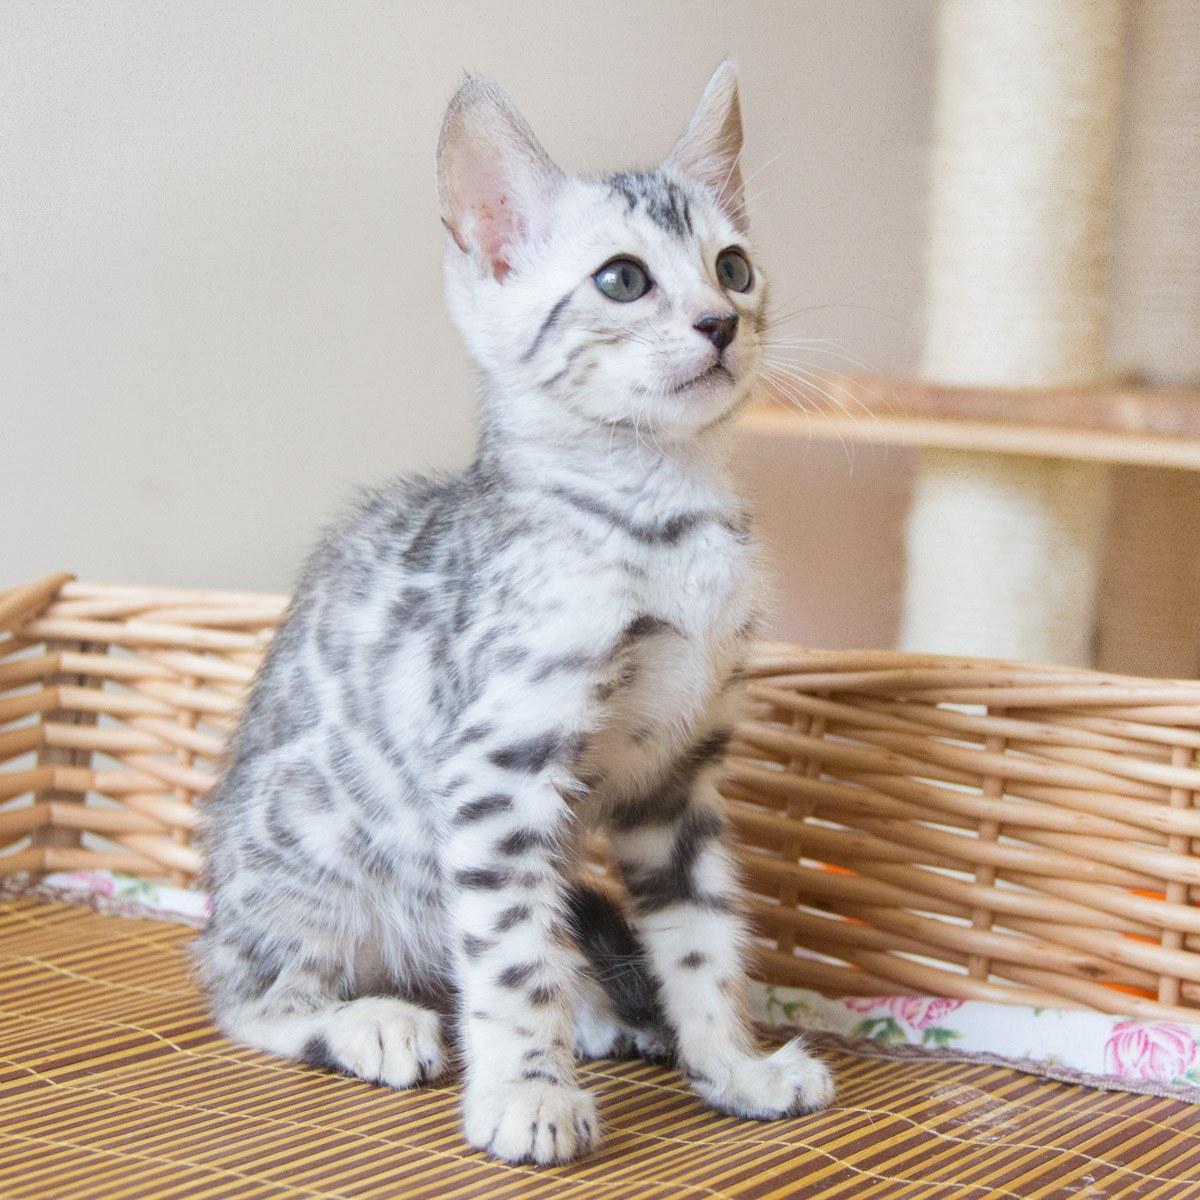 纯种宠物猫咪 豹猫/孟加拉豹猫 幼猫公dd 银色 带证书 / 公dd / 生日